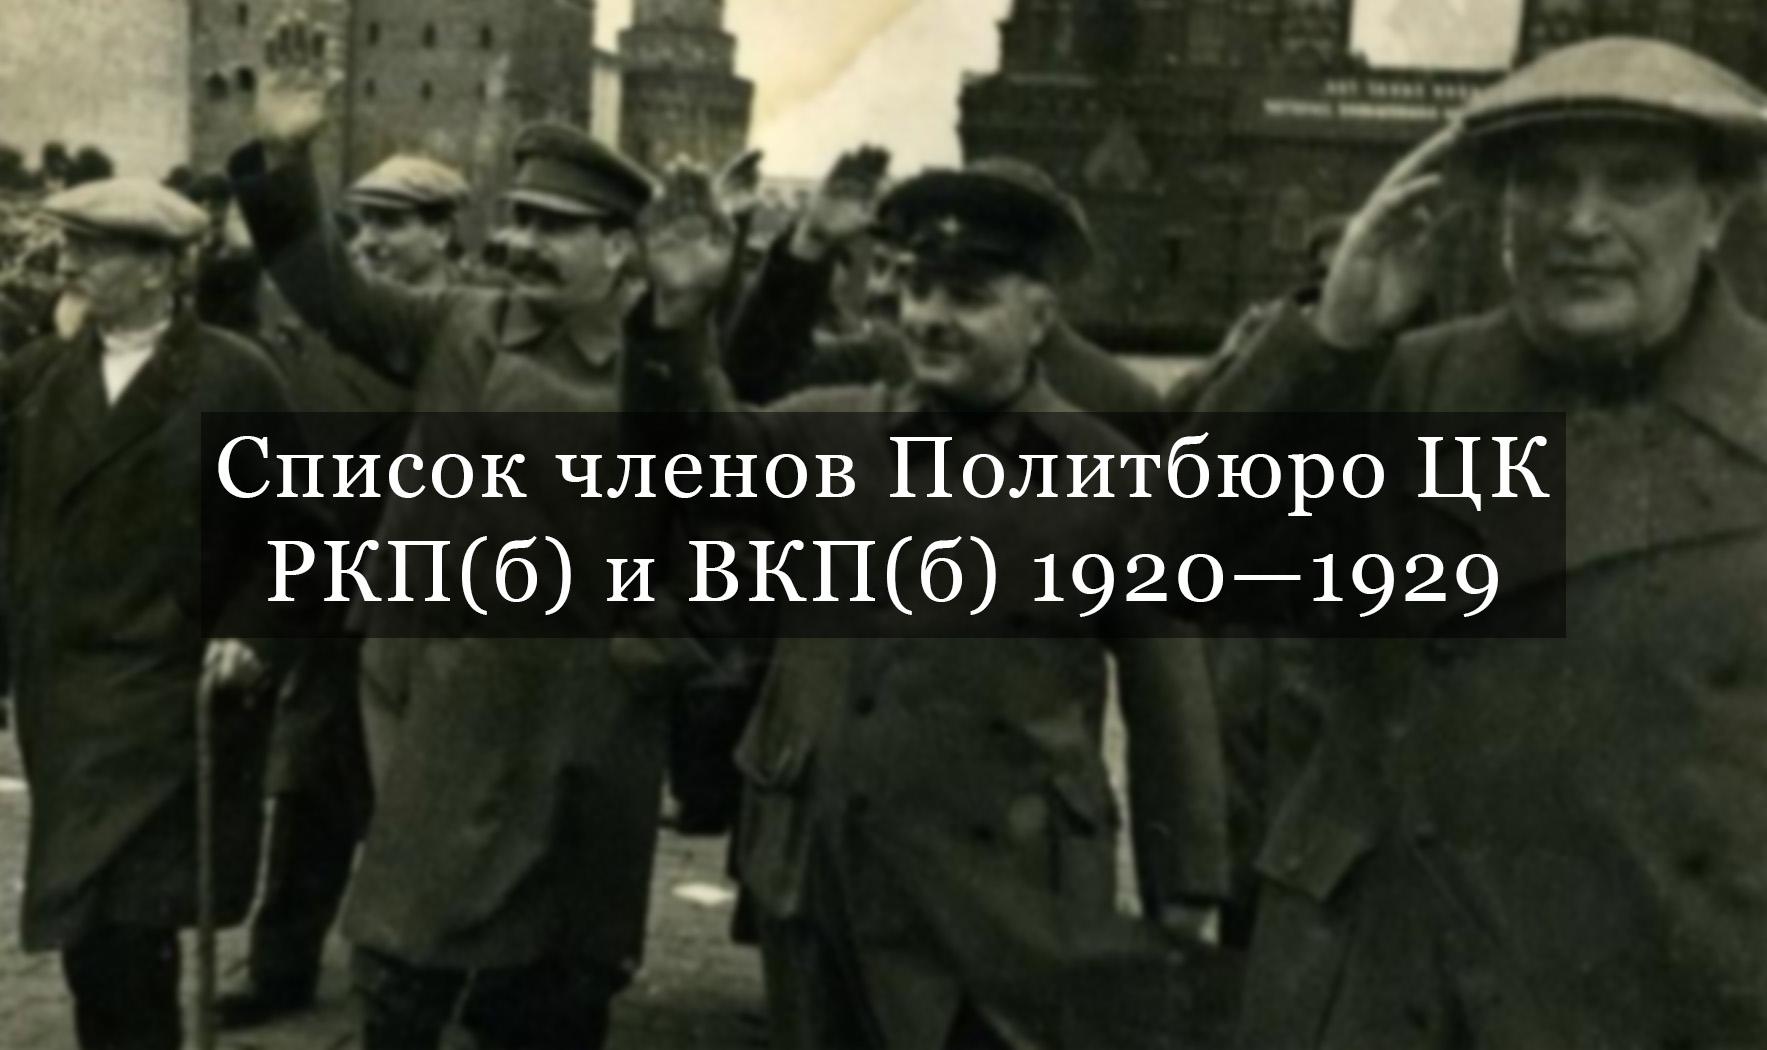 Список и трудовые биографии членов Политбюро ЦК РКП(б) и ВКП(б) 1920—1929 годов